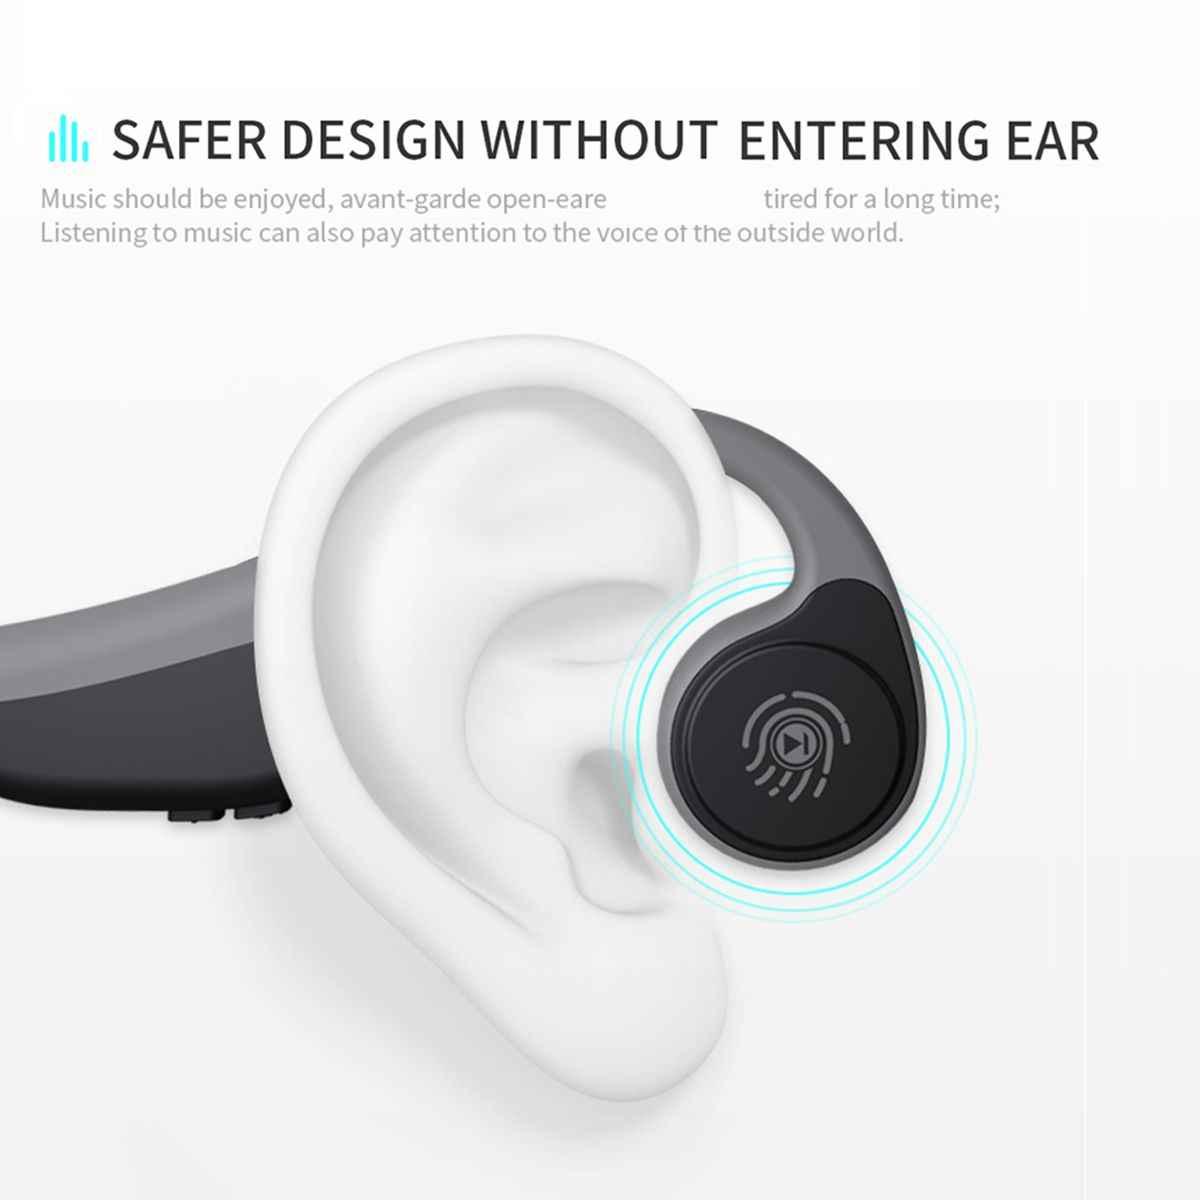 LEORY V9 słuchawki bluetooth 5.0 przewodnictwa kostnego słuchawki bezprzewodowe słuchawki sportowe zestaw głośnomówiący IPX5 wodoodporny bezprzewodowy